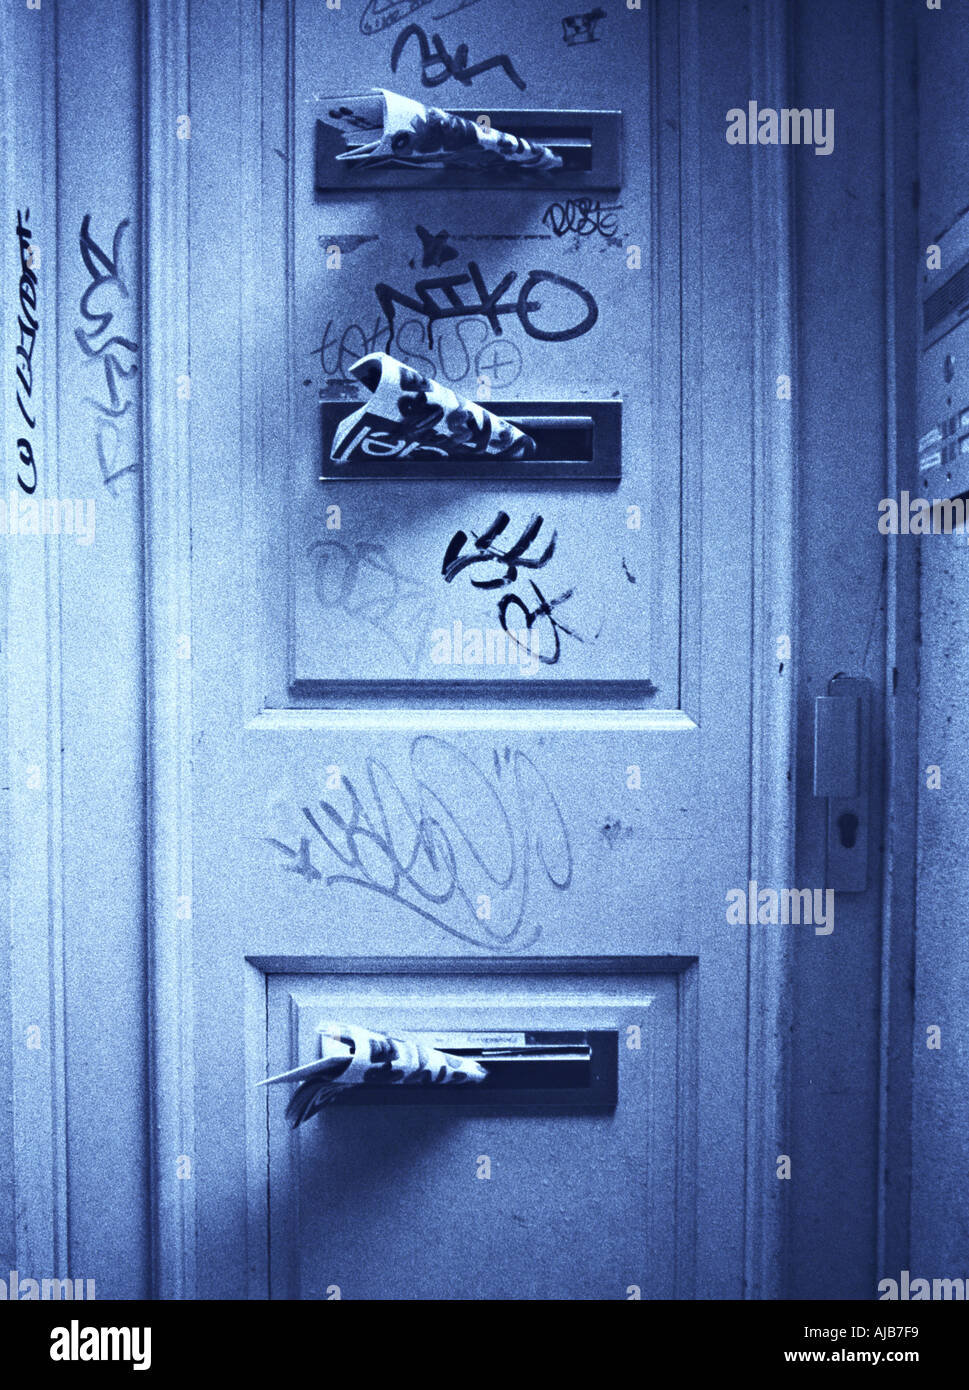 Werbung in Briefkästen einer Graffiti Tür advertising in post boxes at a door with graffiti - Stock Image